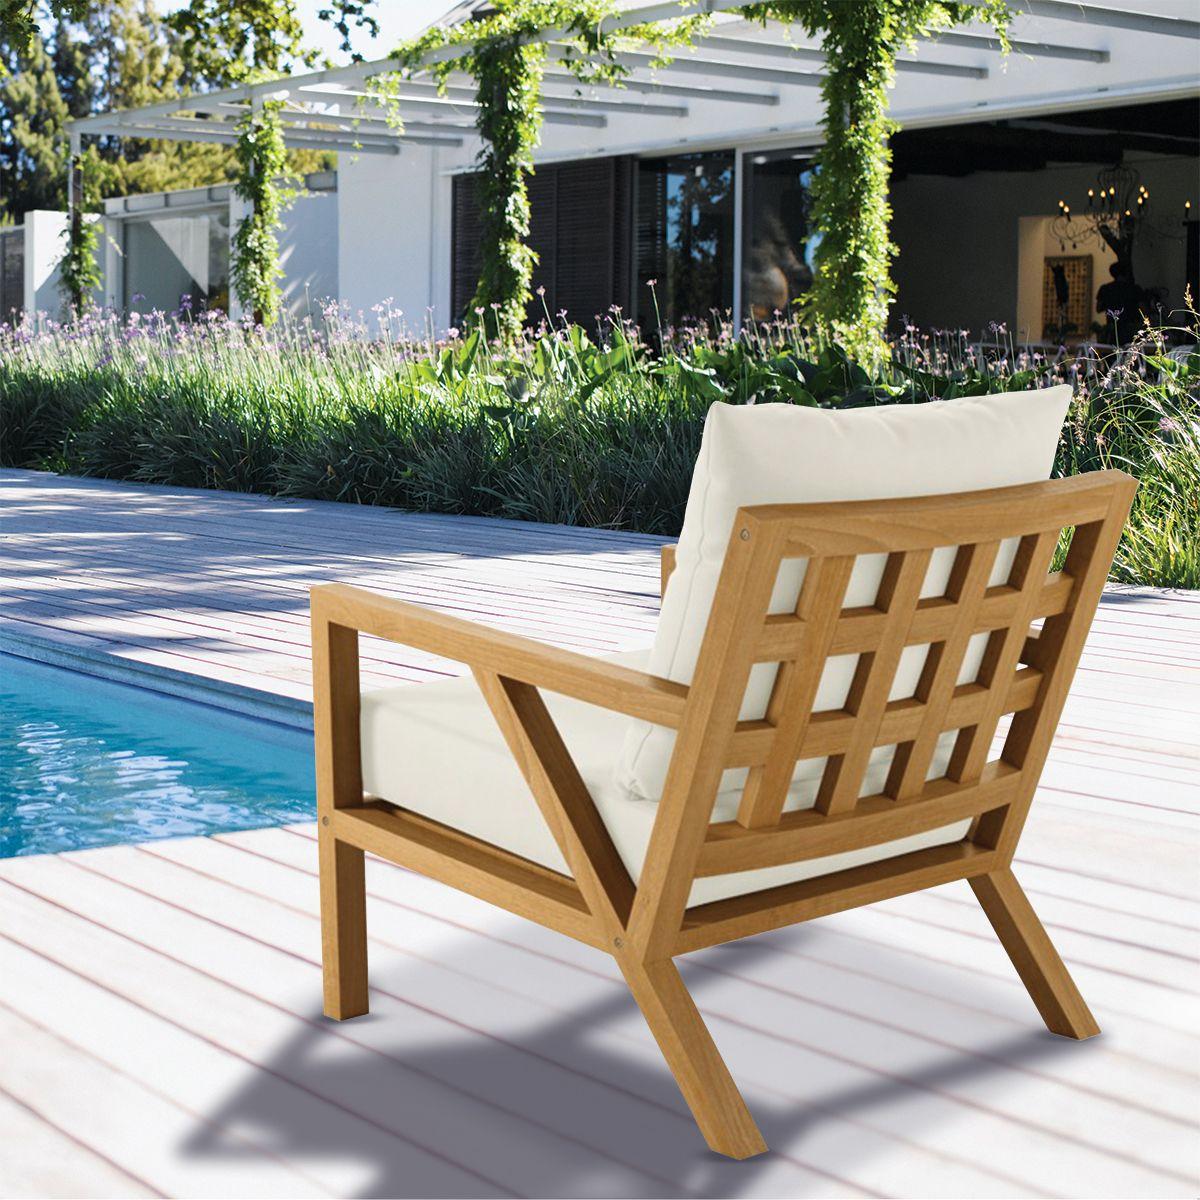 Alyn Club Chair | Thos. Baker #outdoorfurniture #patiofurniture  #poolfurniture